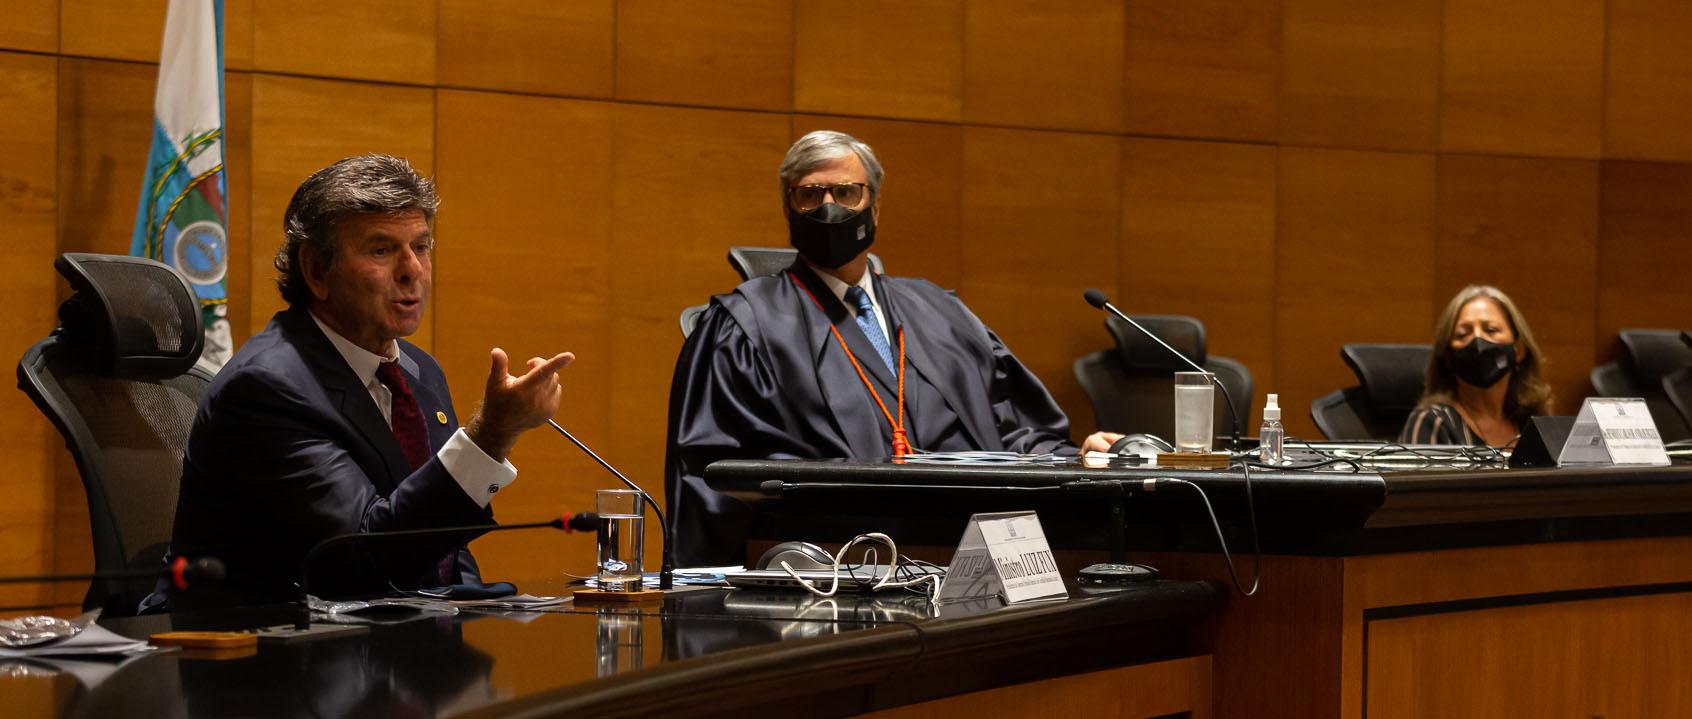 Ministro Luiz Fux apresenta o Justiça 4.0 observado pelo presidente do TJRJ, des. Henrique Figueira: inovação no Judiciário